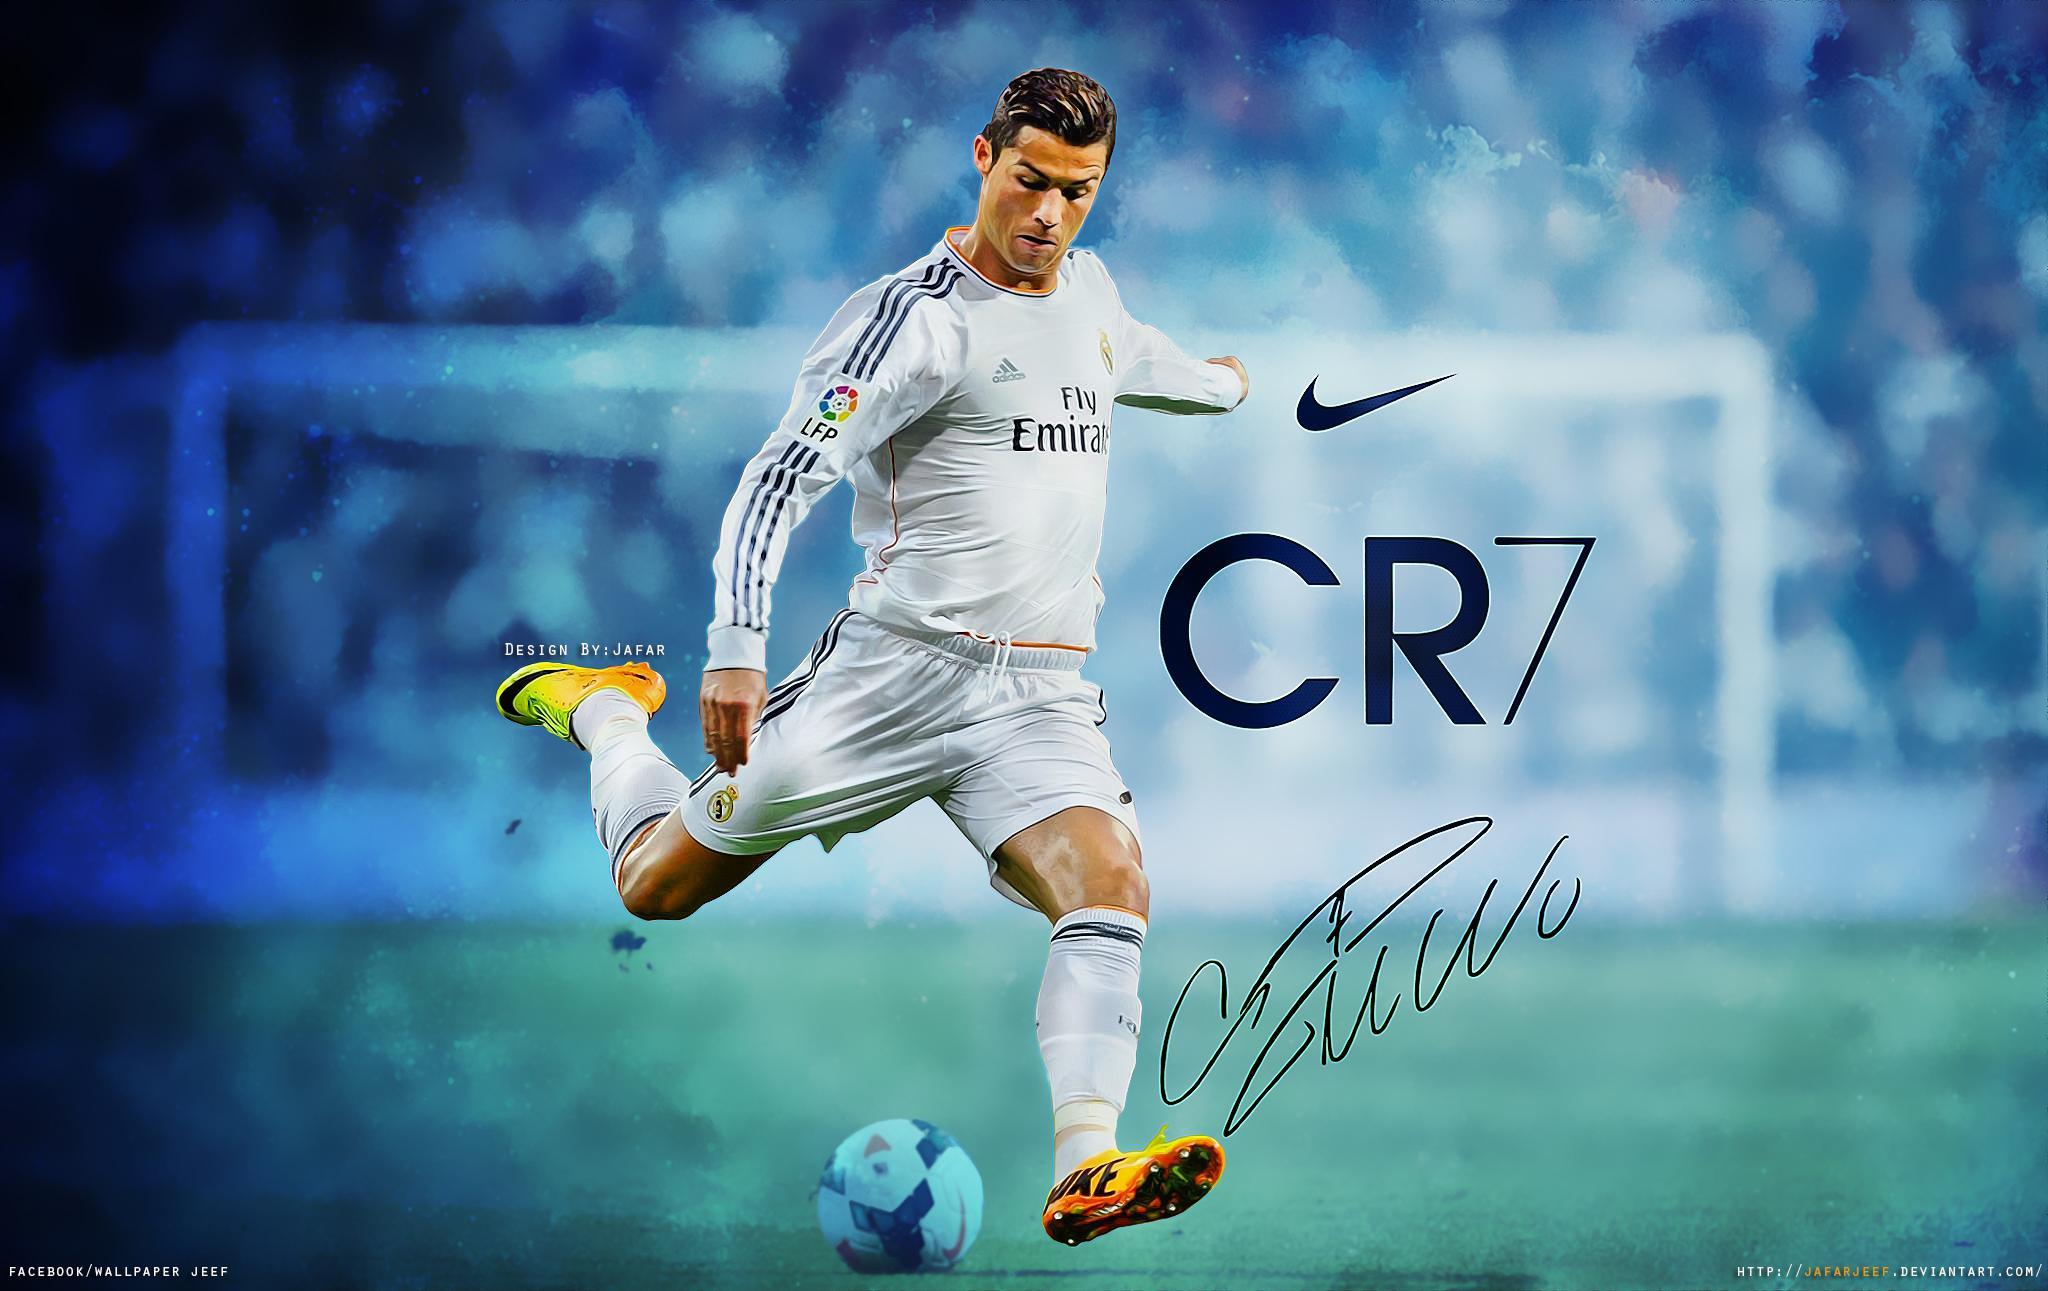 Cristiano Ronaldo 2015 Wallpaper